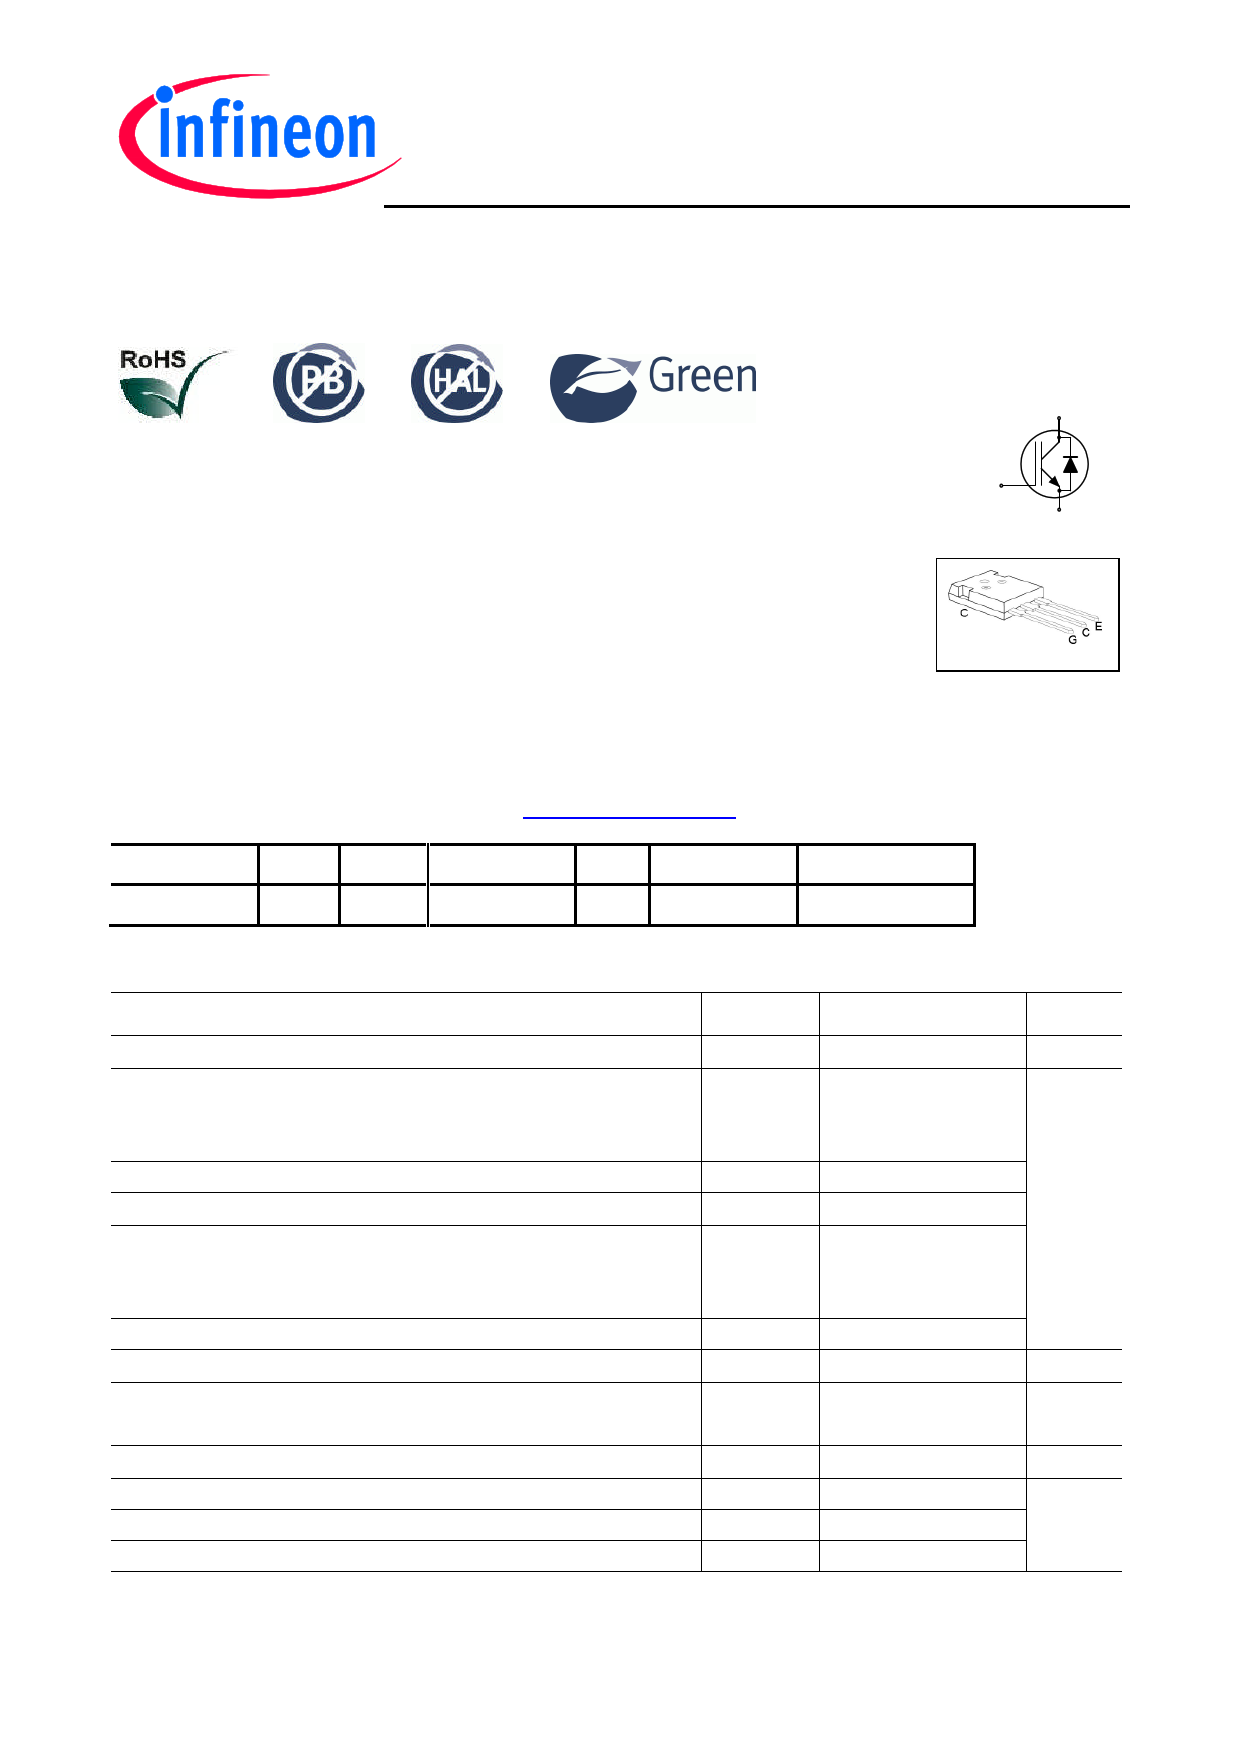 K30T60 datasheet image